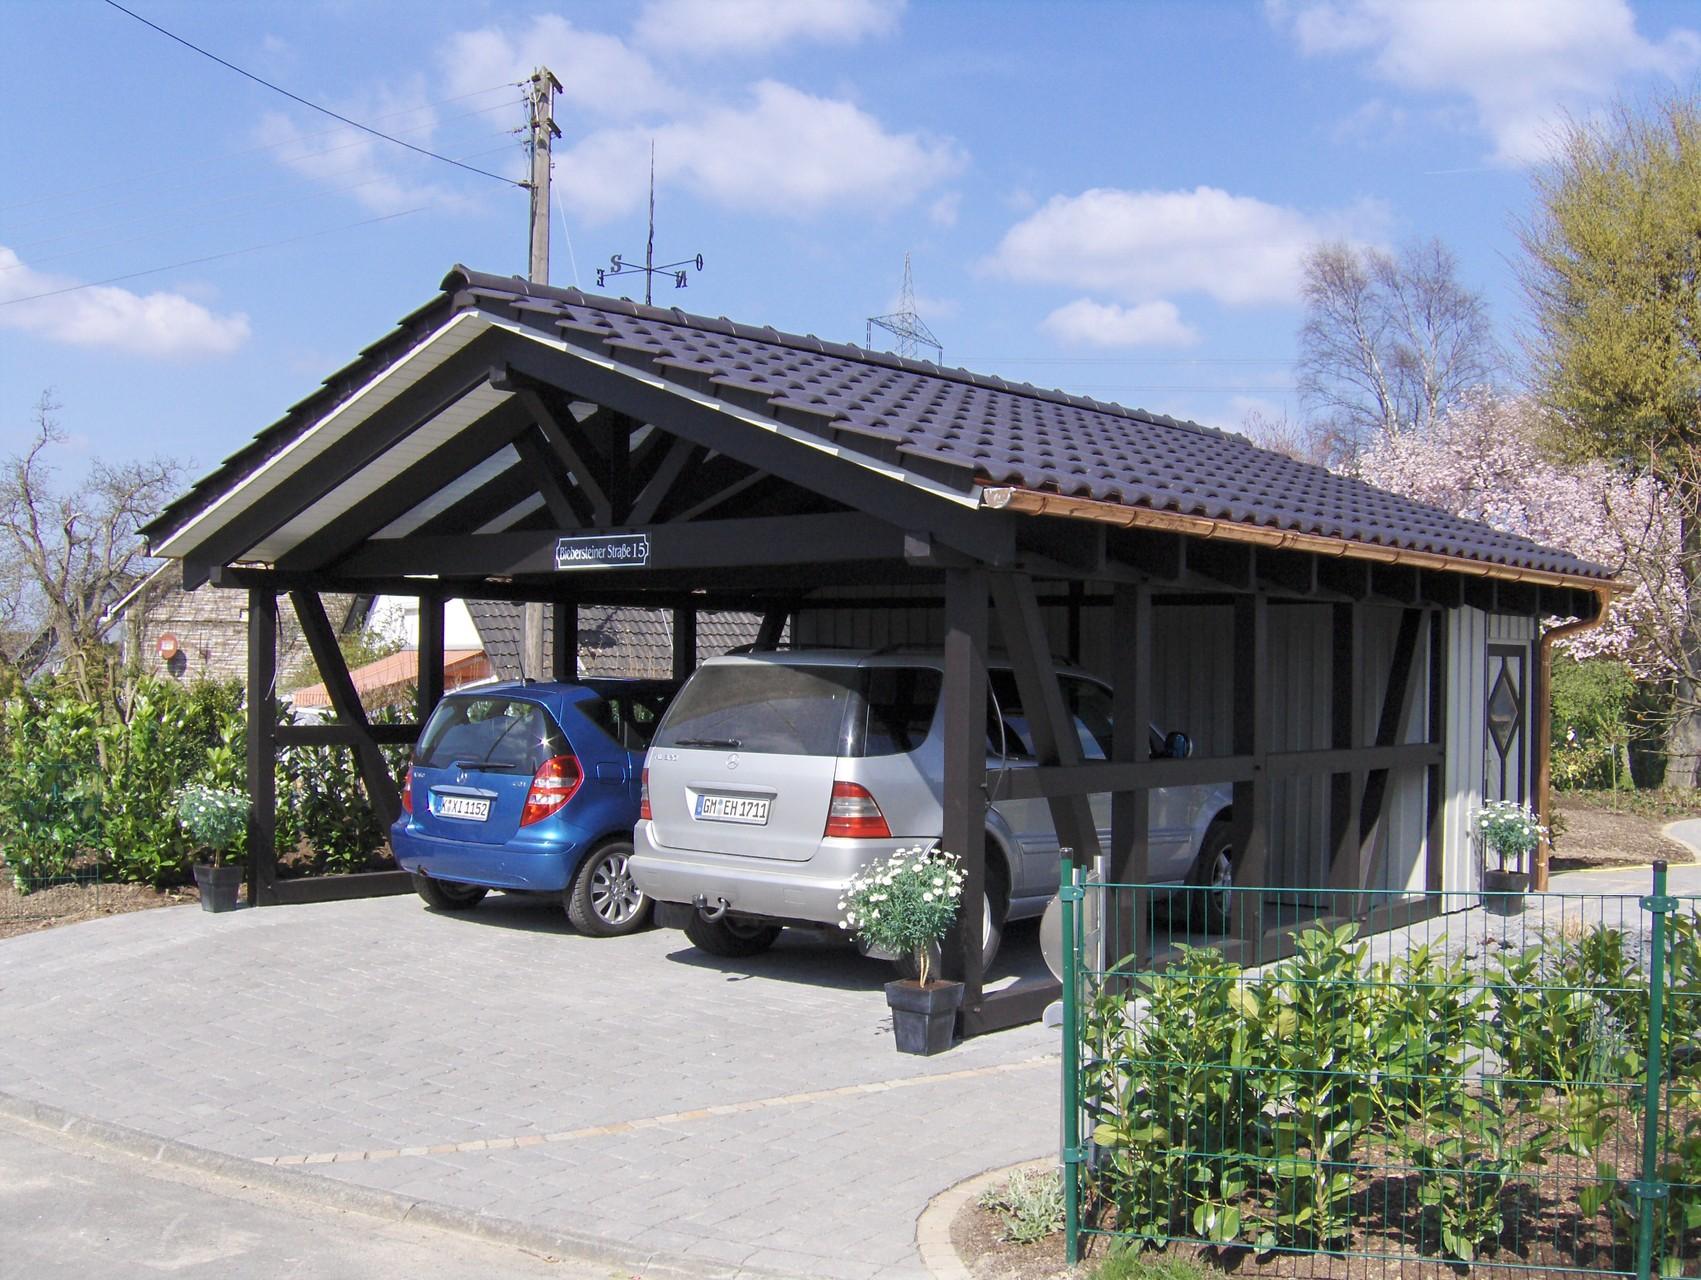 Spitzdach Carport Nach Ihren Wünschen - Solarterrassen & Carportwerk